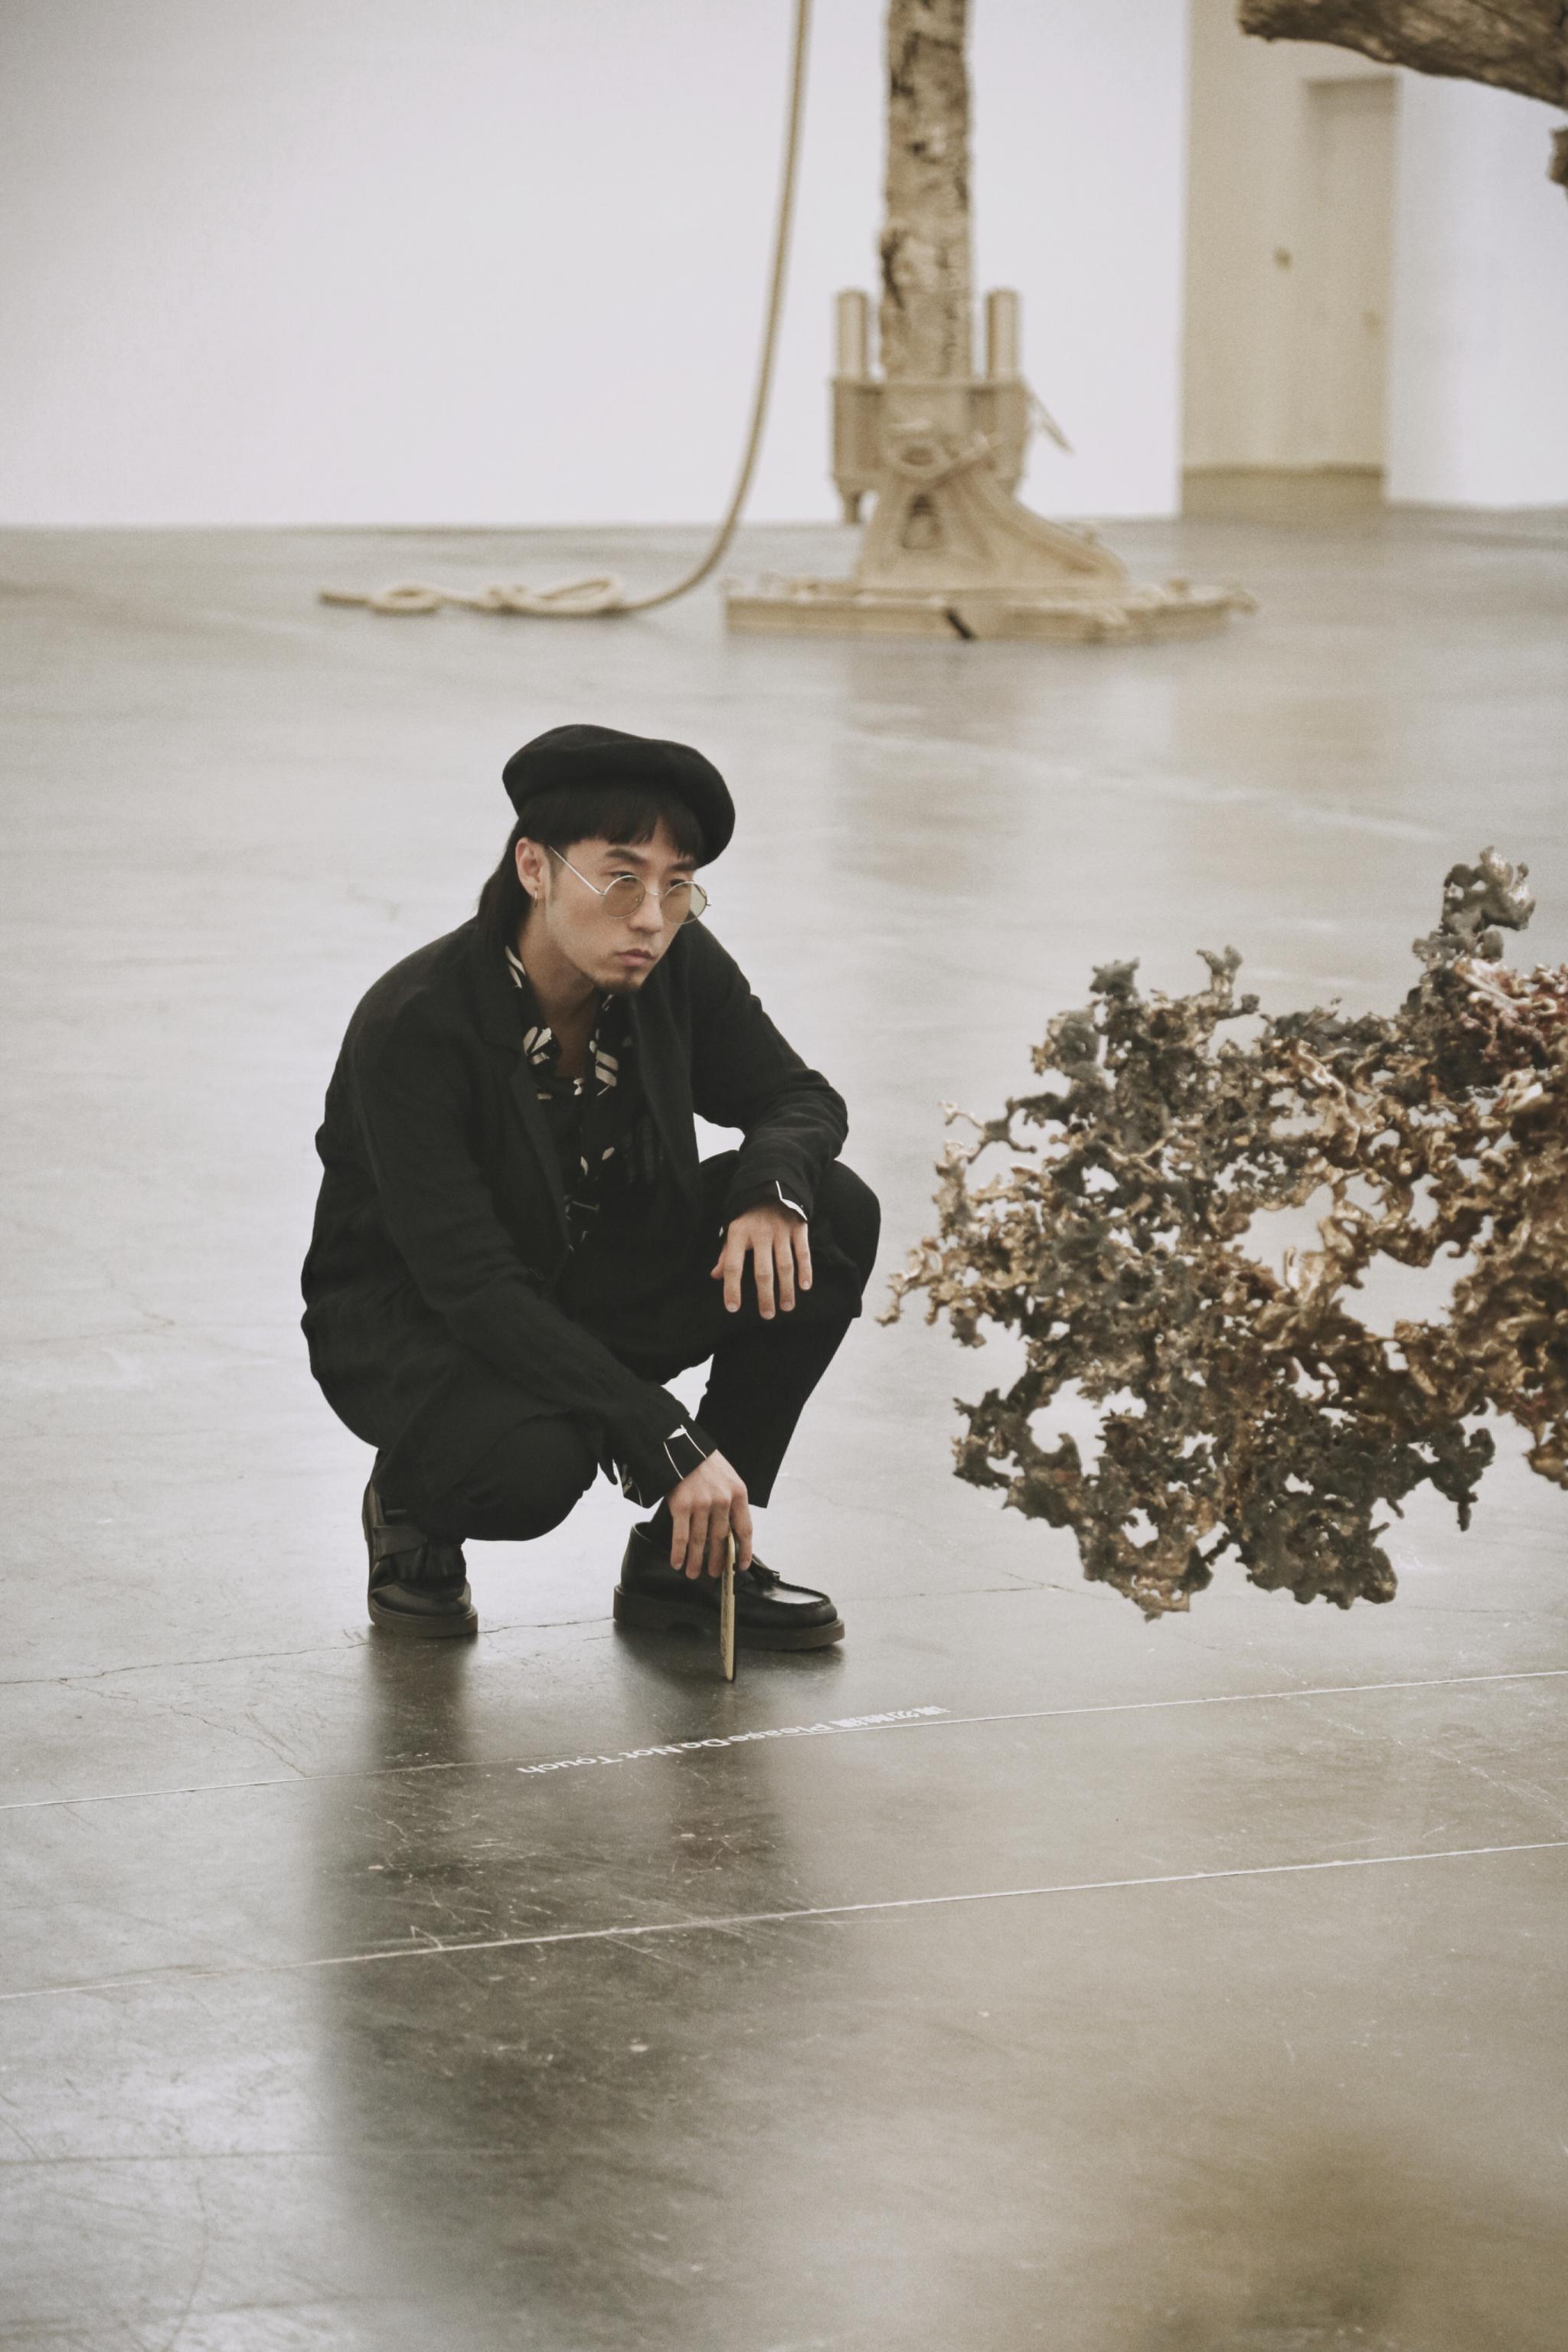 大学毕业后就很少有时间看展 这次有幸参观艺术大师马修·巴尼的展览